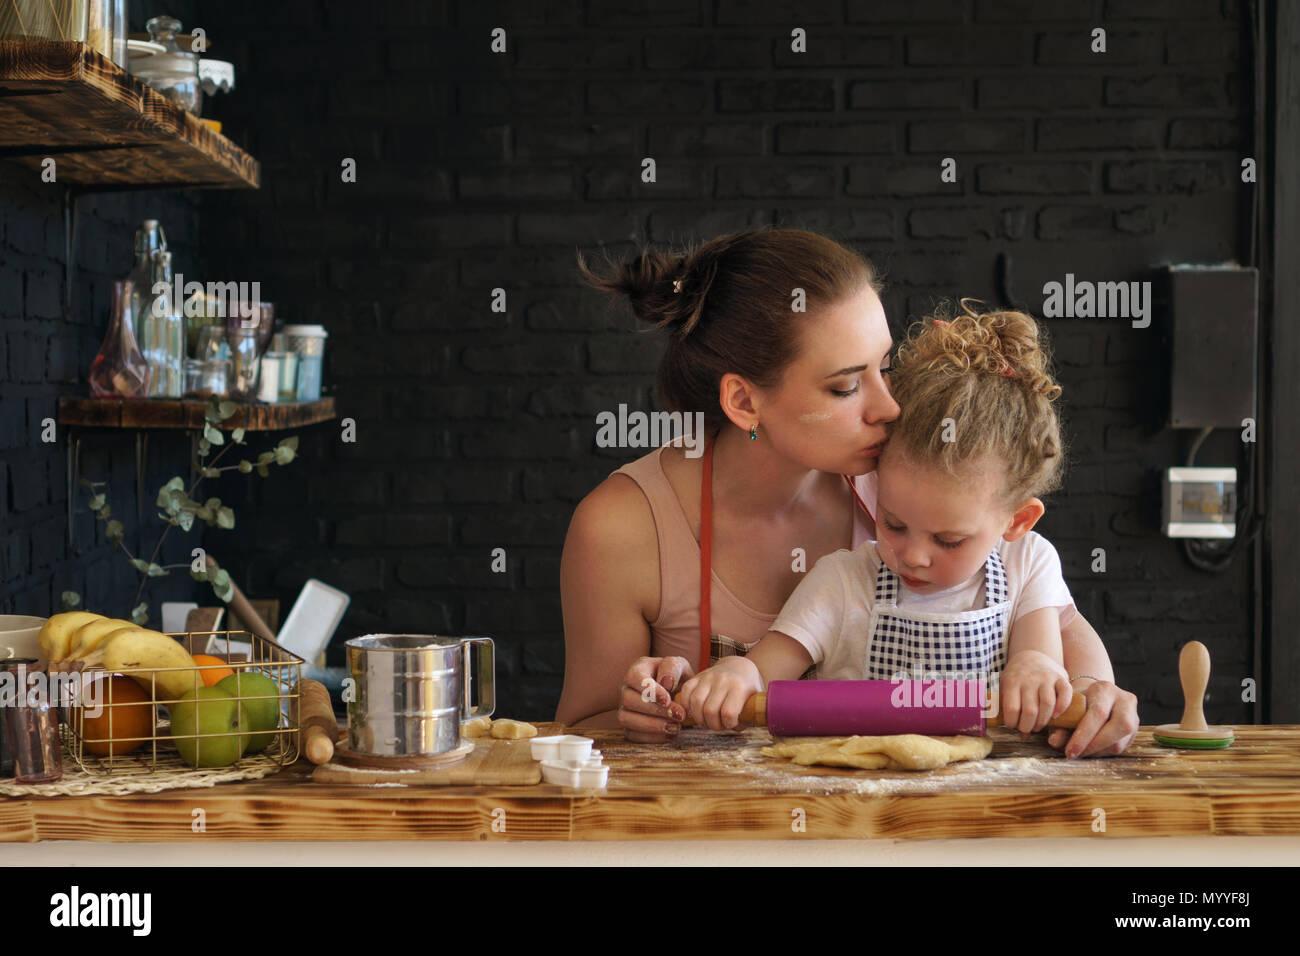 La joven madre e hija preparar galletas en la cocina. Están en delantales. Niña rollos masa con rodillo. Besos madre hijo, alentando Imagen De Stock